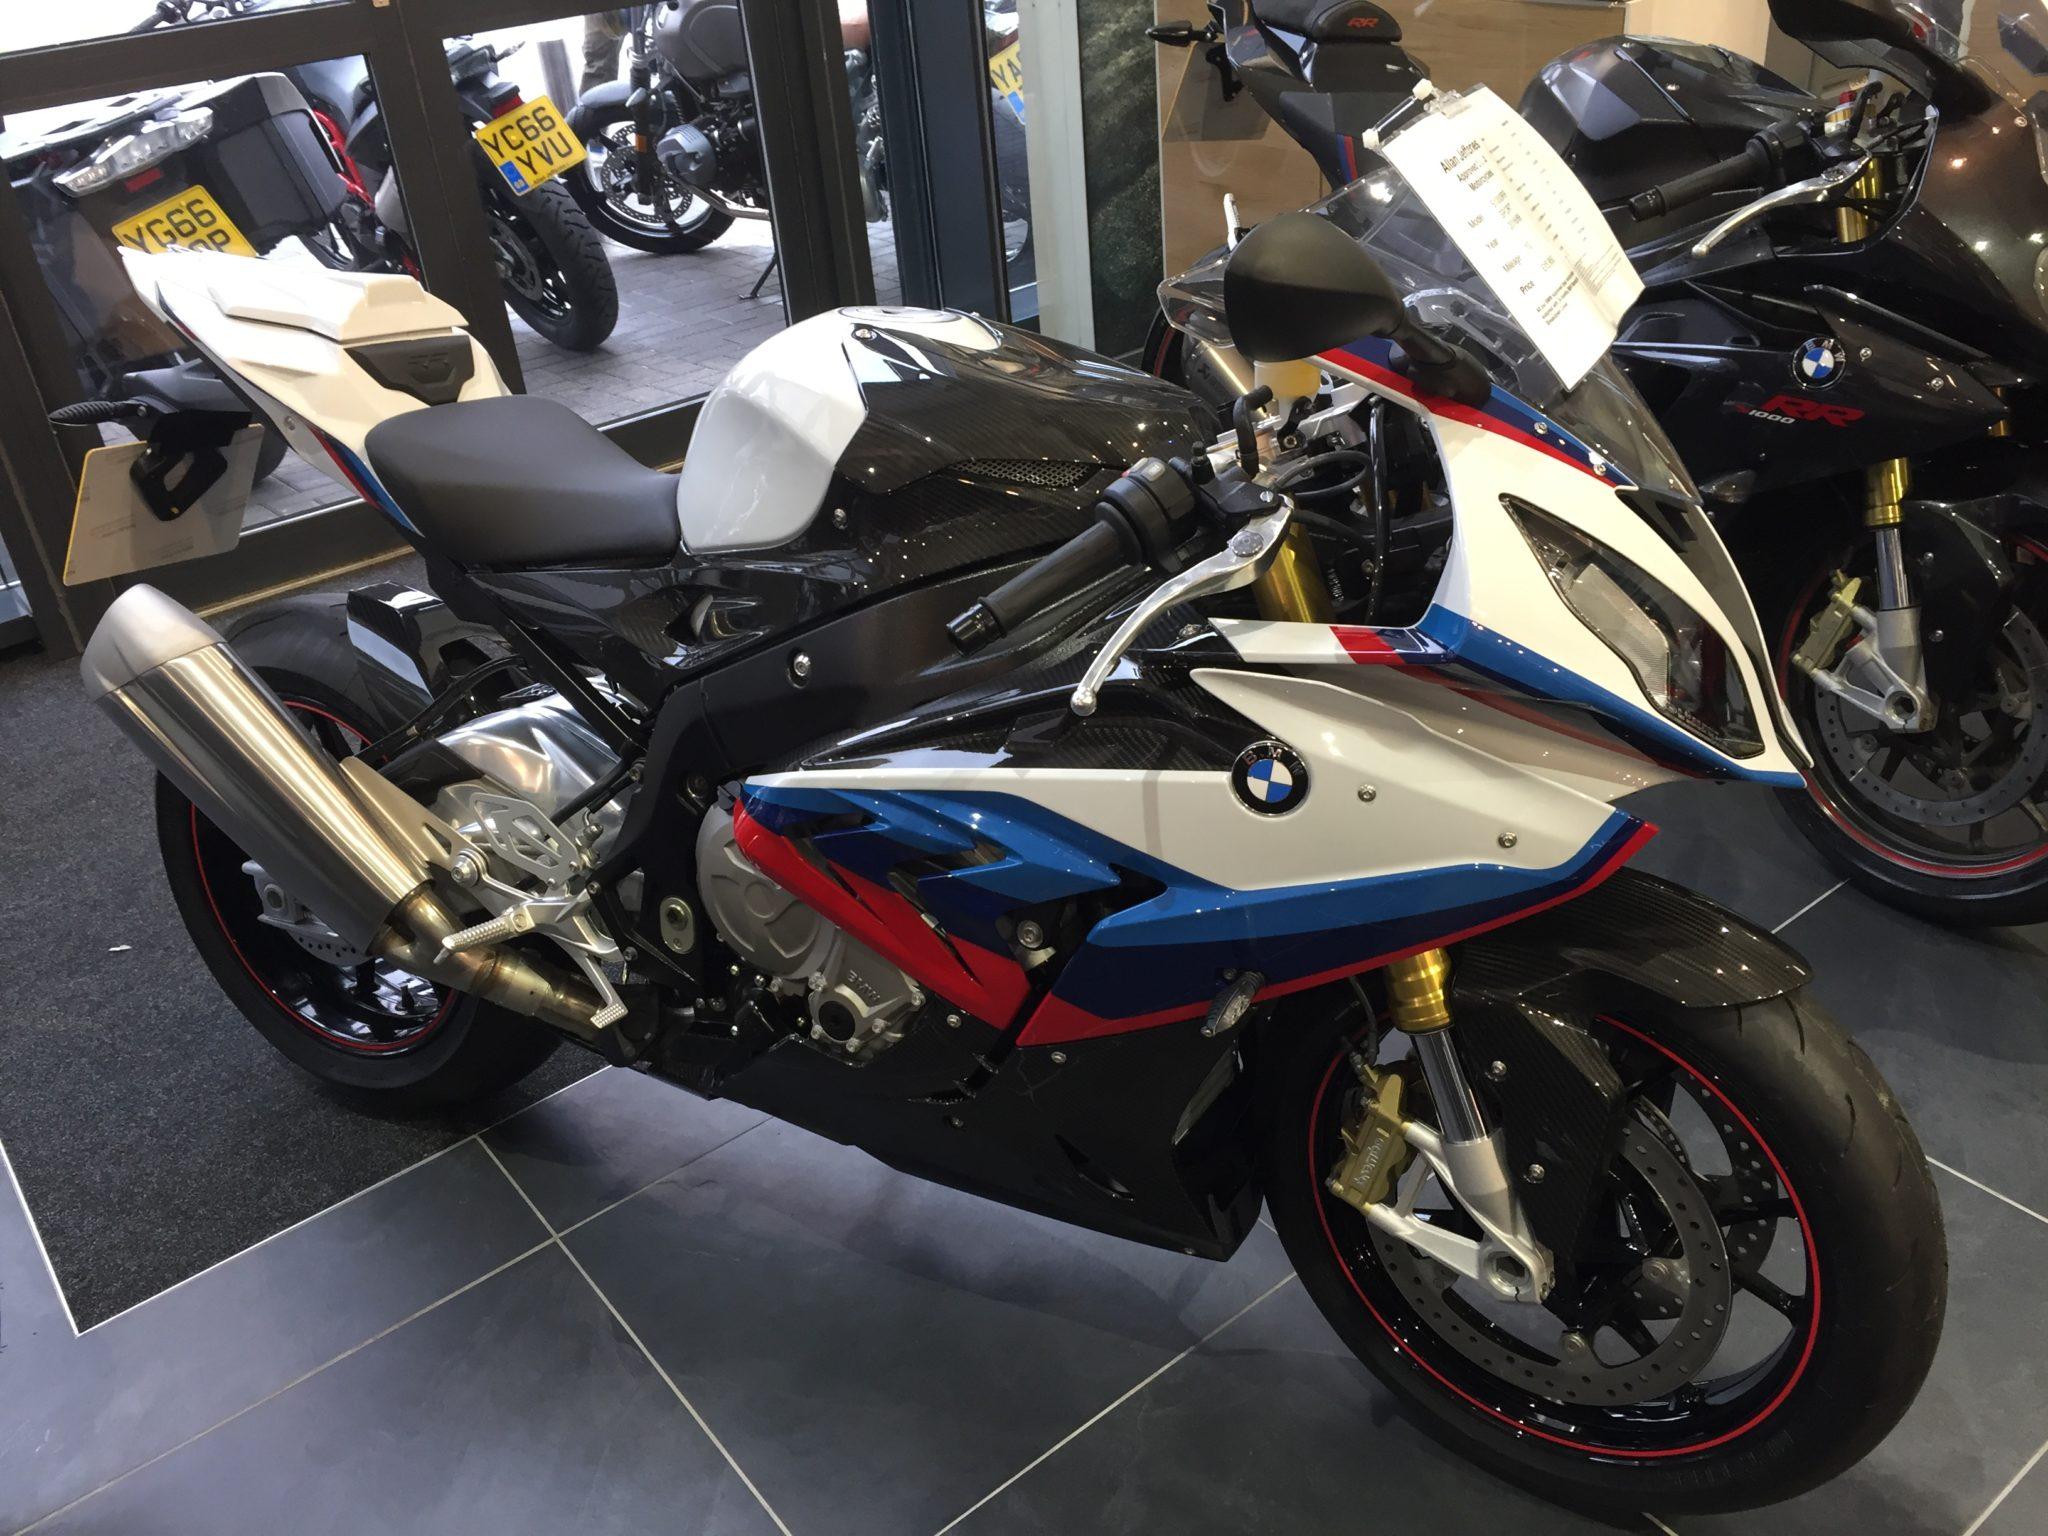 Teddy – BMW S1000RR